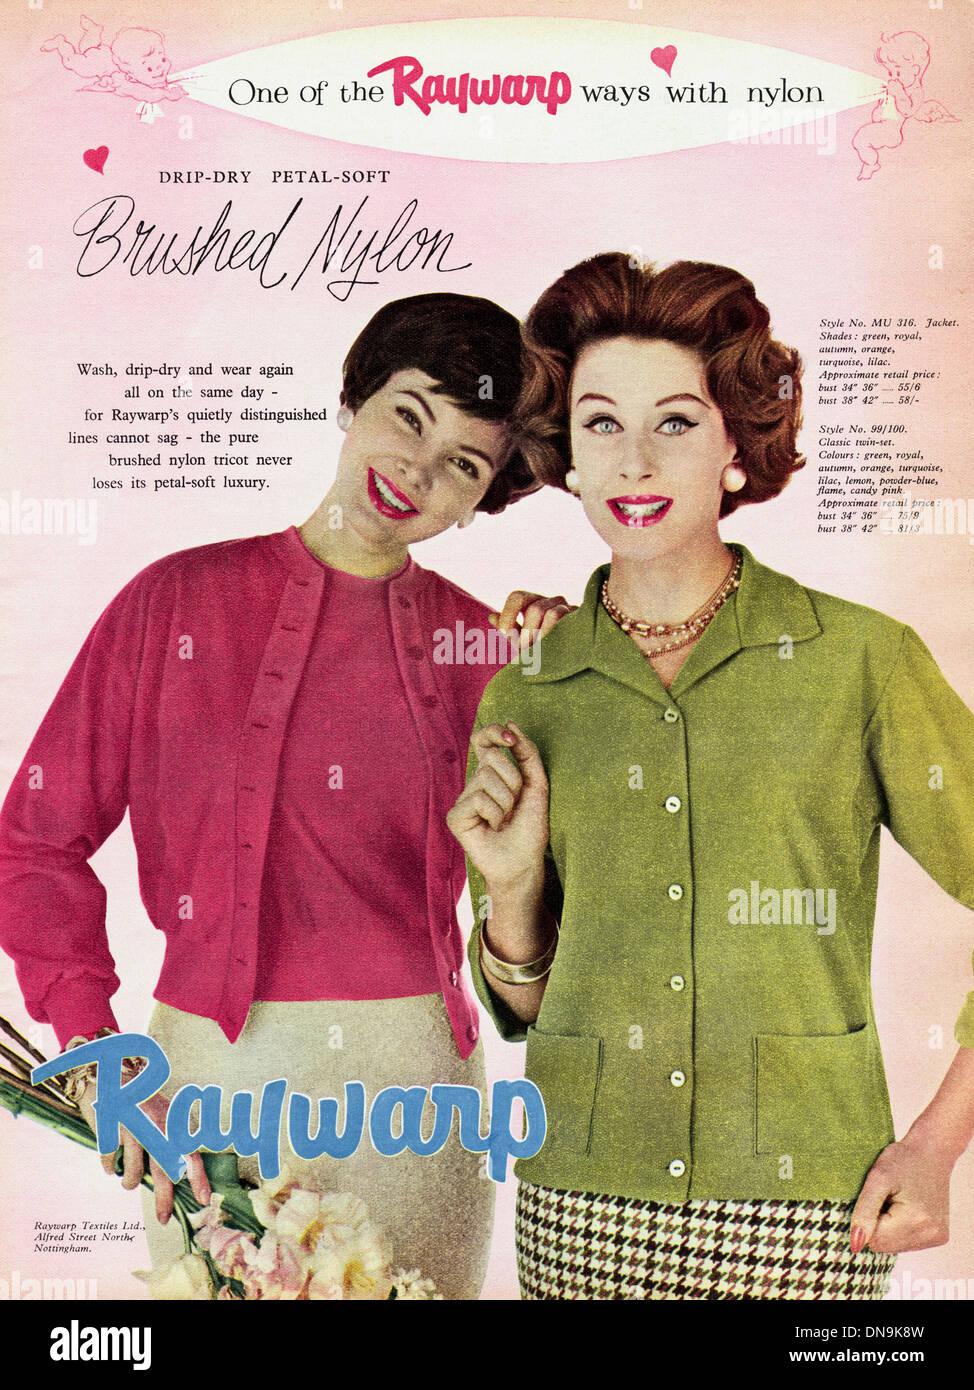 Années 1950, la publicité. Vintage original women's magazine de mode publicité pour RAYWARP mesdames TEXTILE jacket Banque D'Images